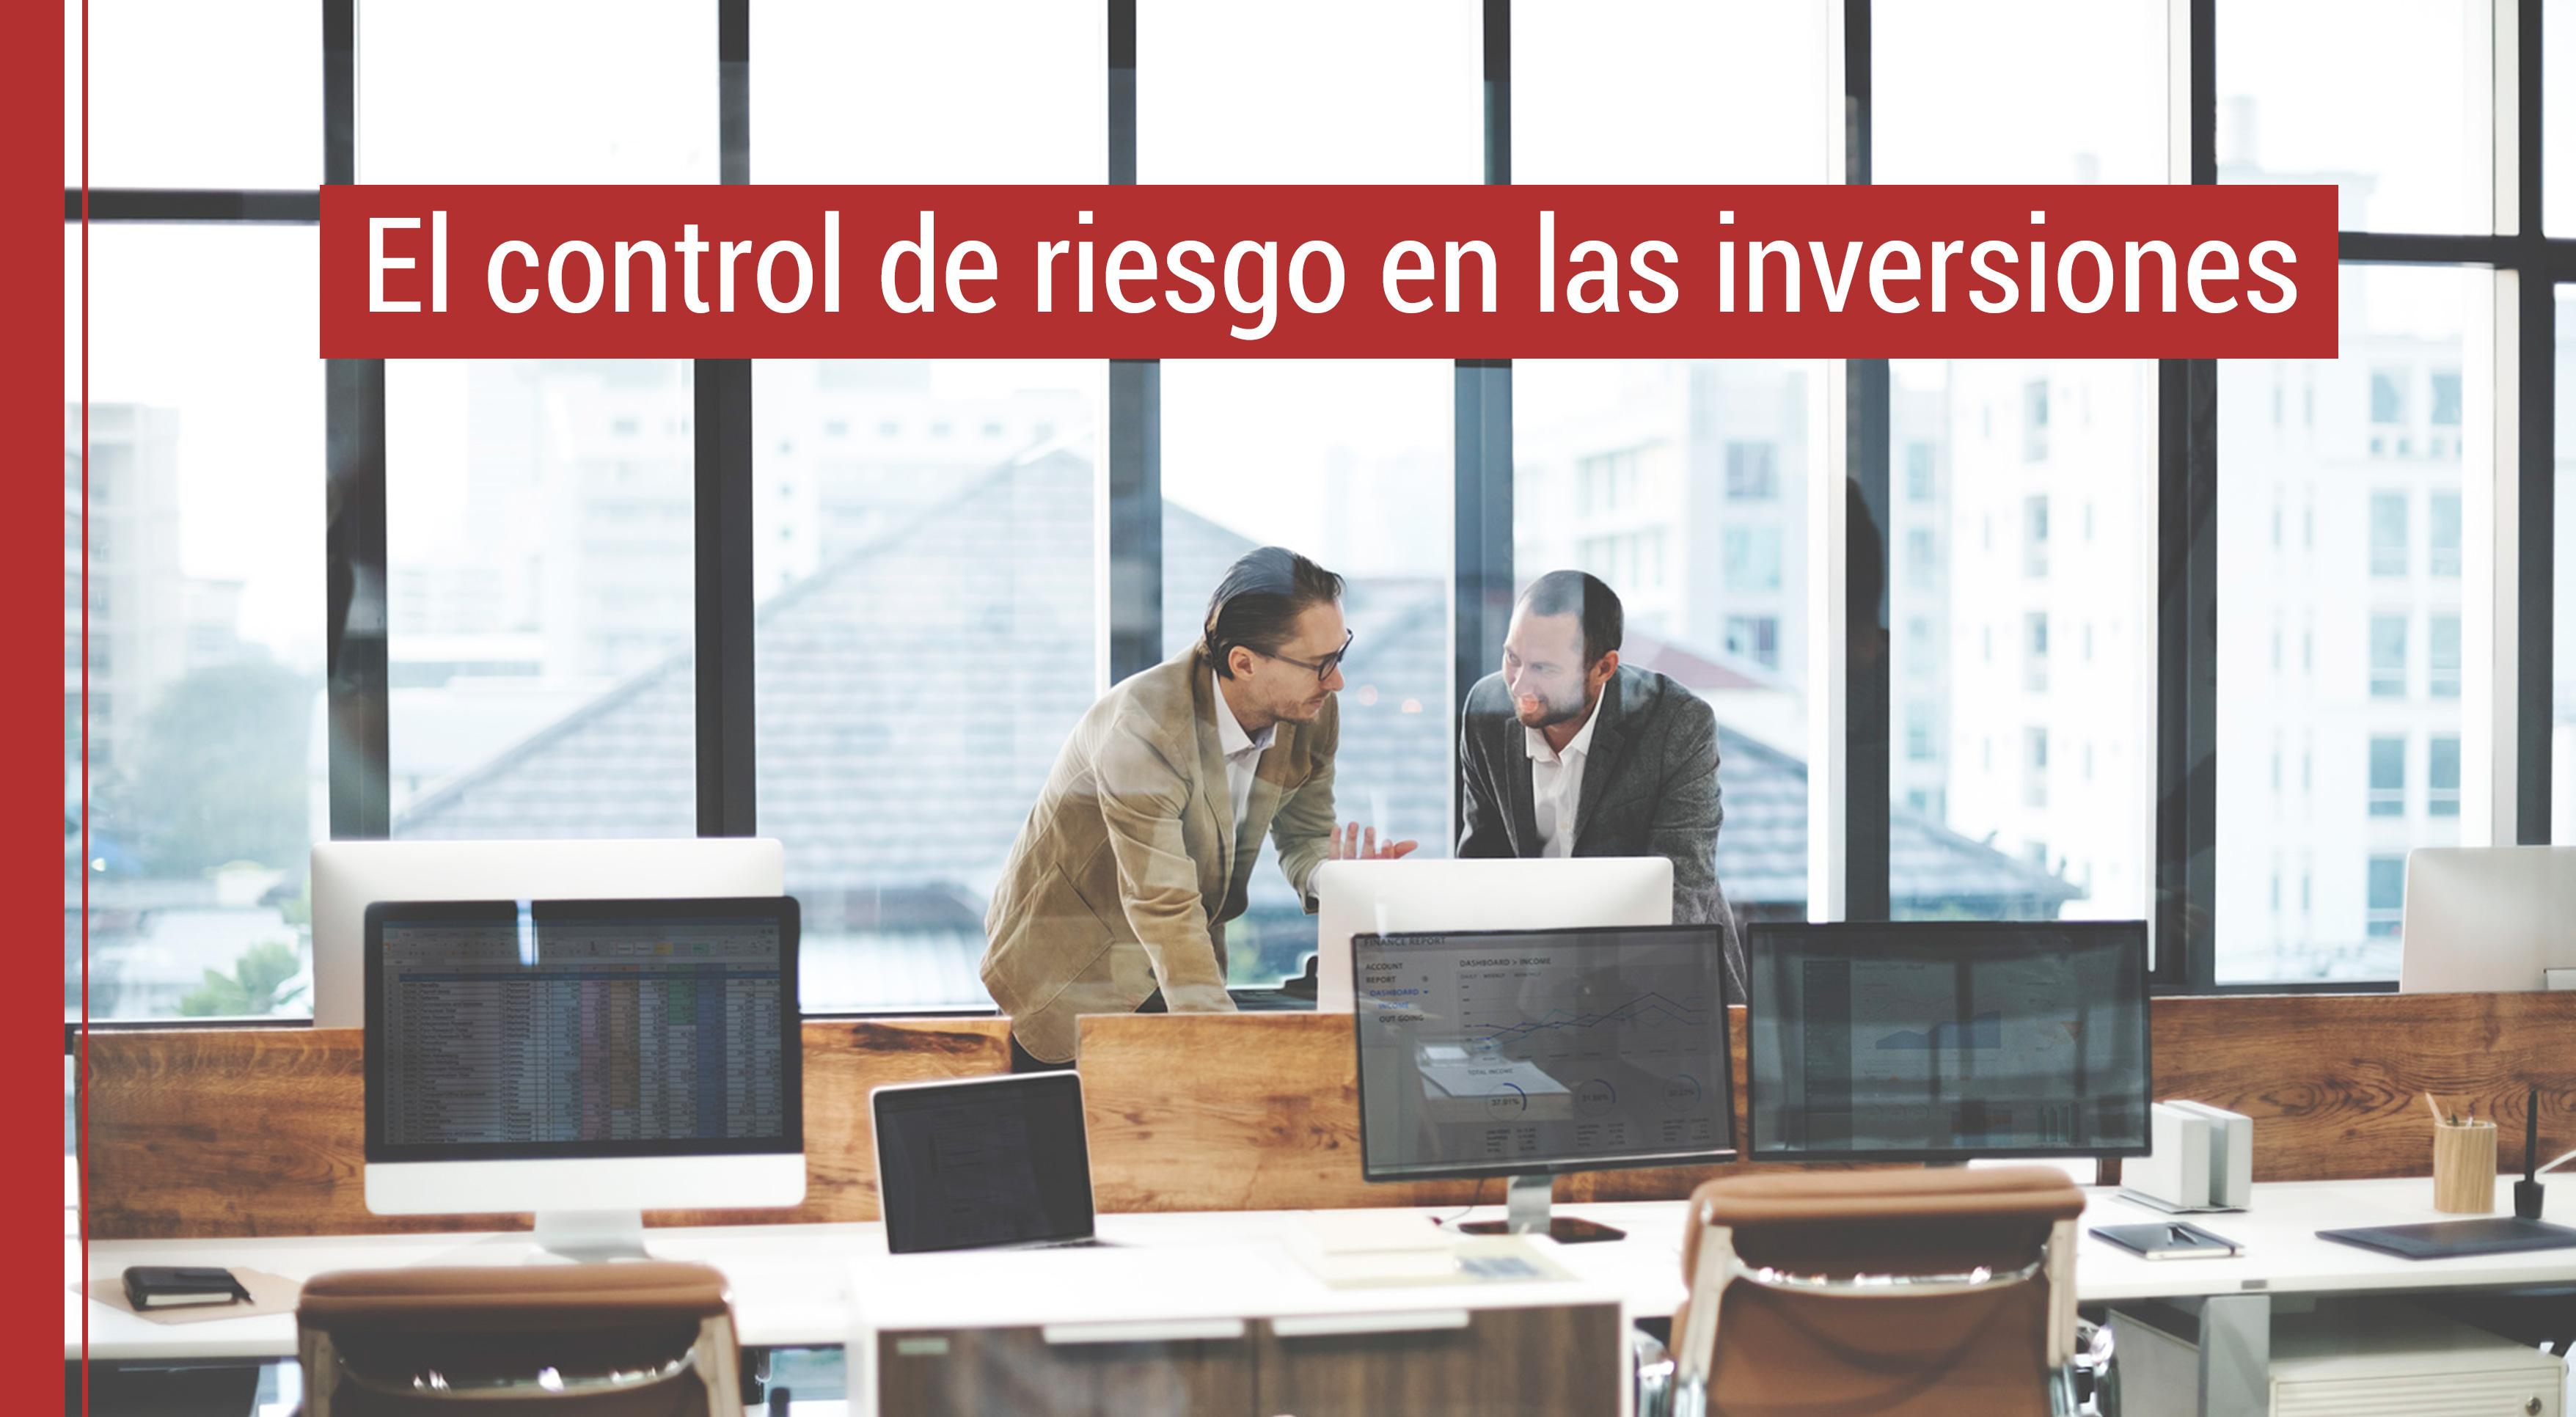 control-riesgo-inversiones Claves para lidiar con el control de riesgo en las inversiones